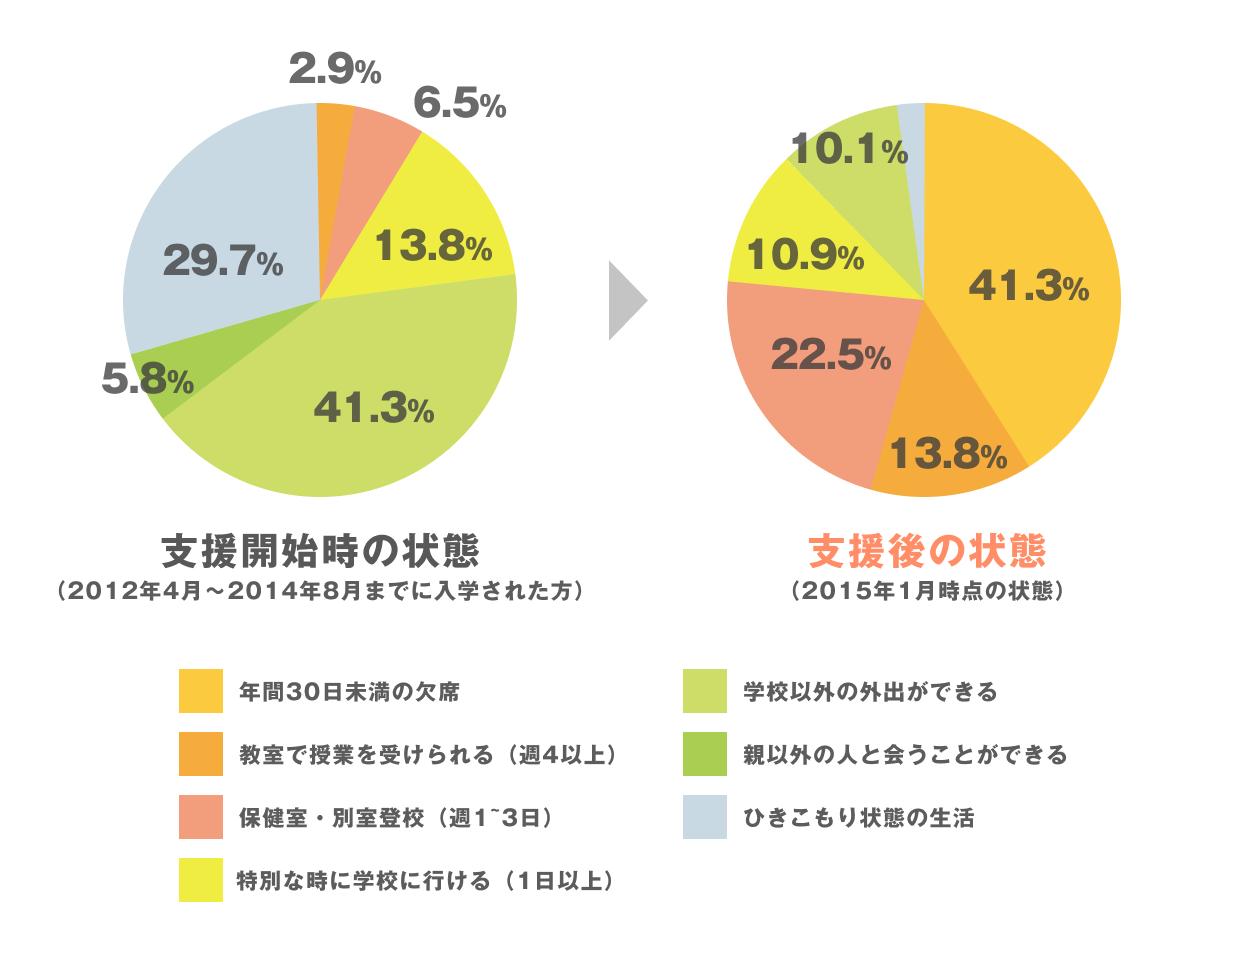 キズキ家学は不登校改善率98.6%!